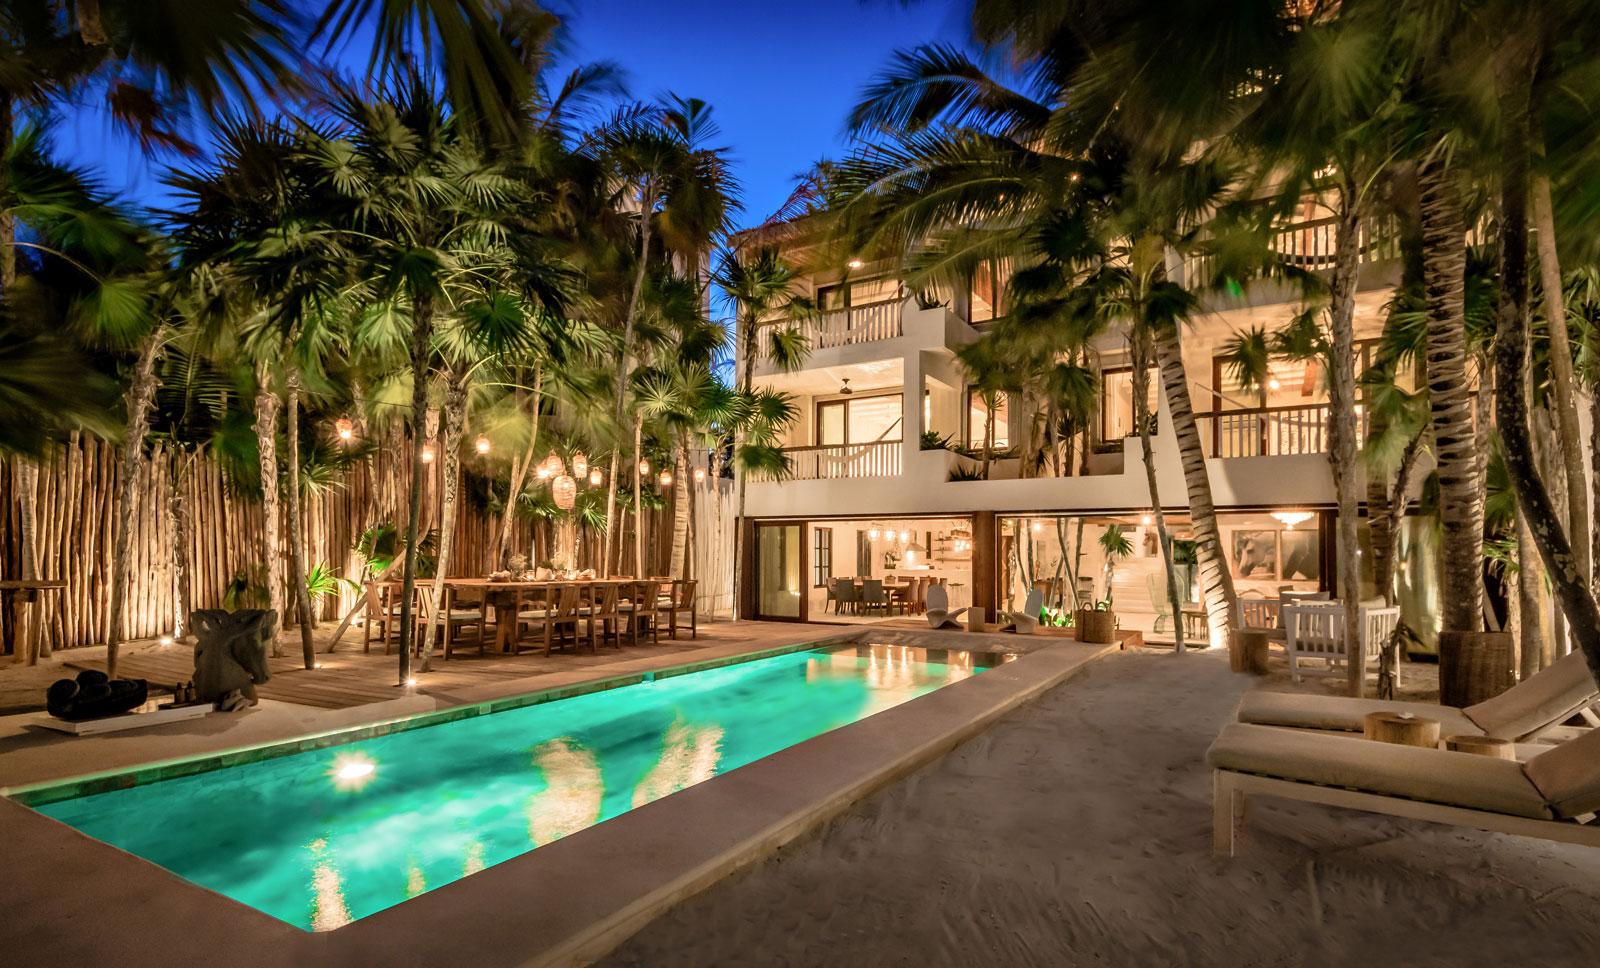 Maya_Luxe_Riviera_Maya_Luxury_Villas_Experiences_Soliman_Bay_Tulum_5_Bedrooms_Villa_La_Semilla_10.jpg